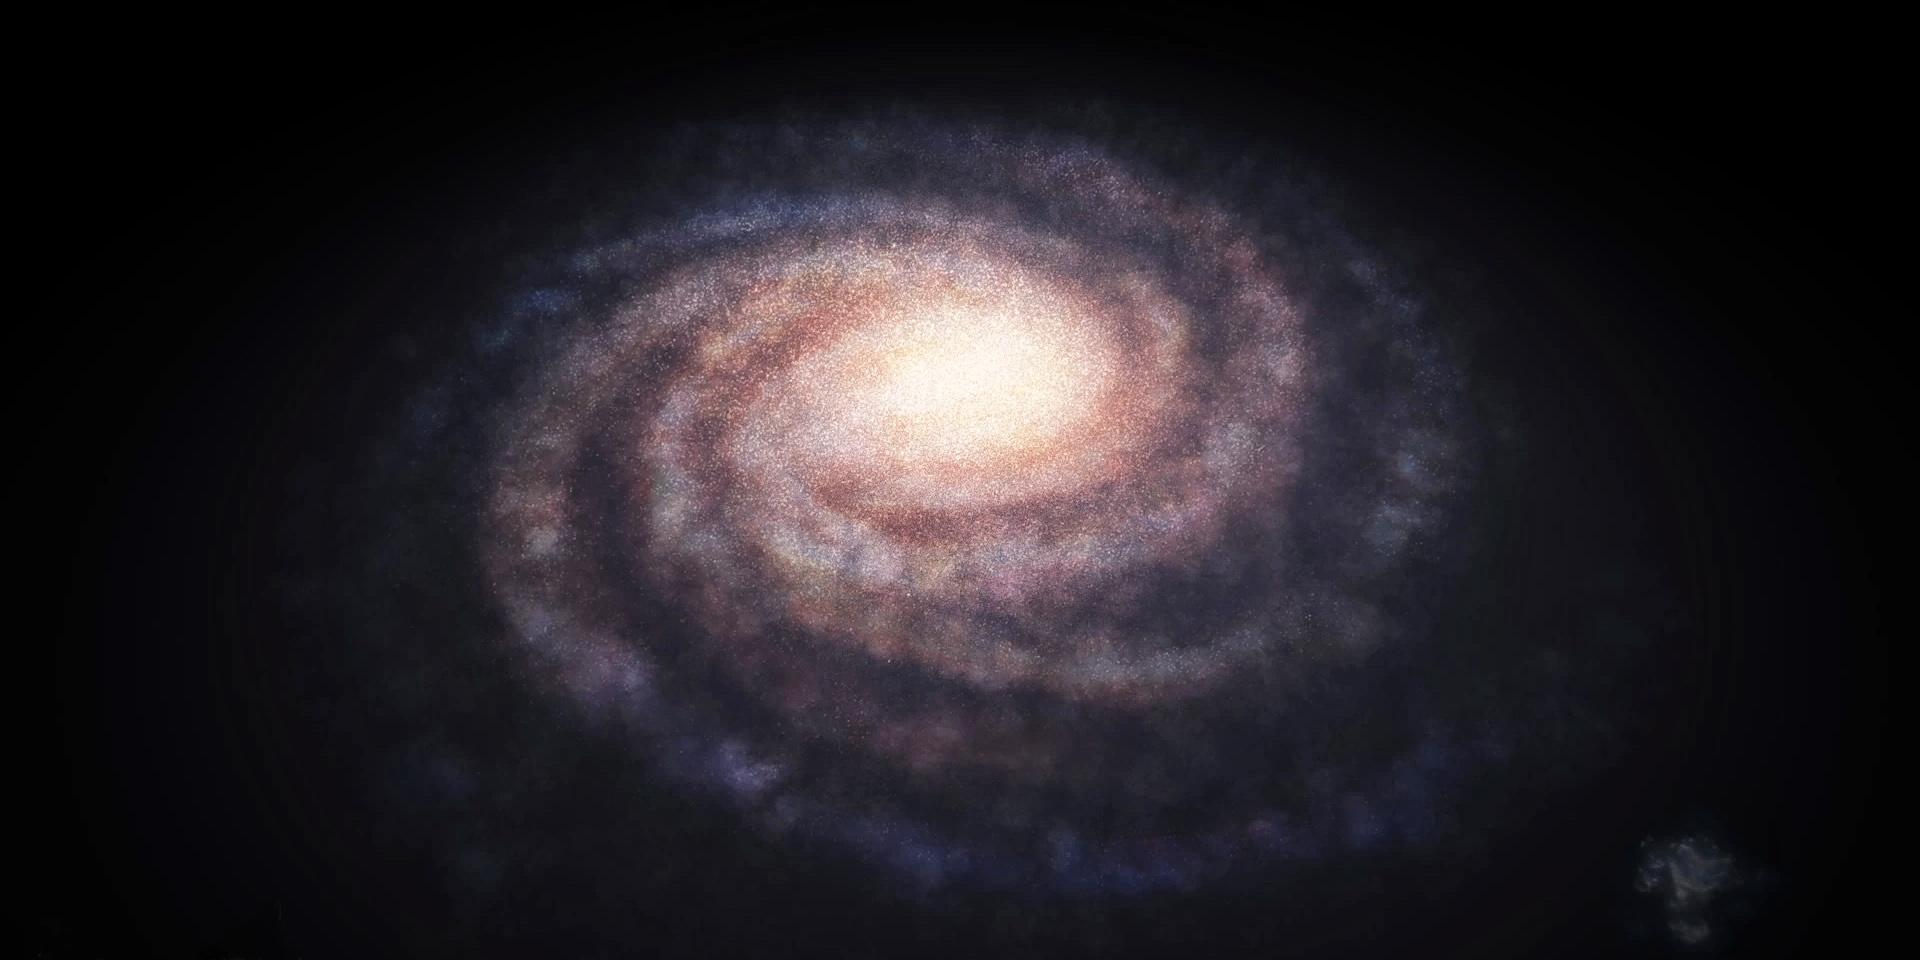 Зеркало для героя: Терзания космического масштаба